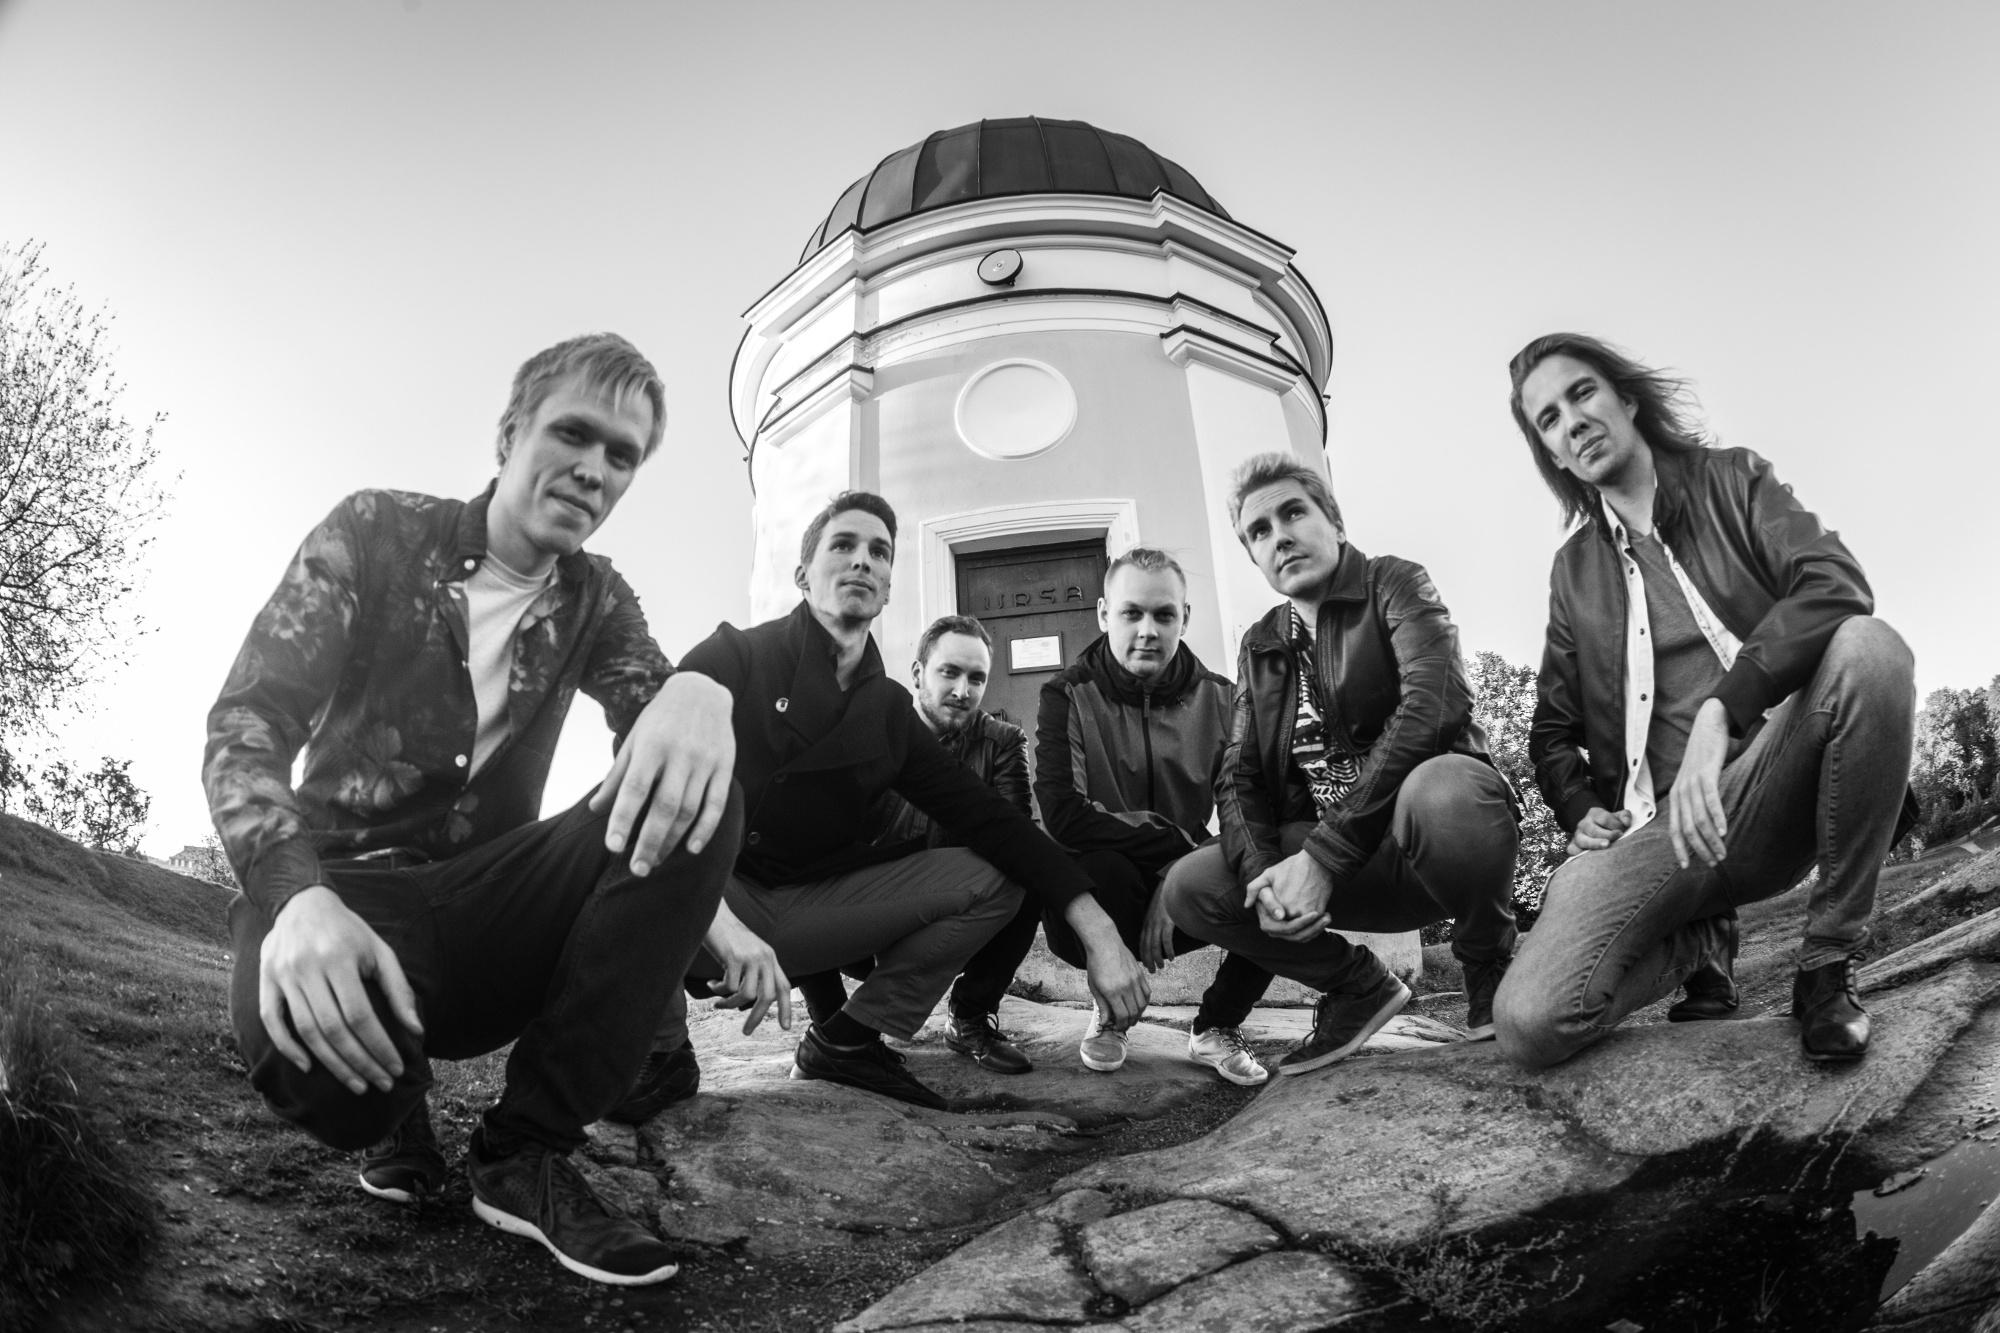 La banda finlandesa de rock progresivo psicodélico, Astral Bazaar lanza nuevo single